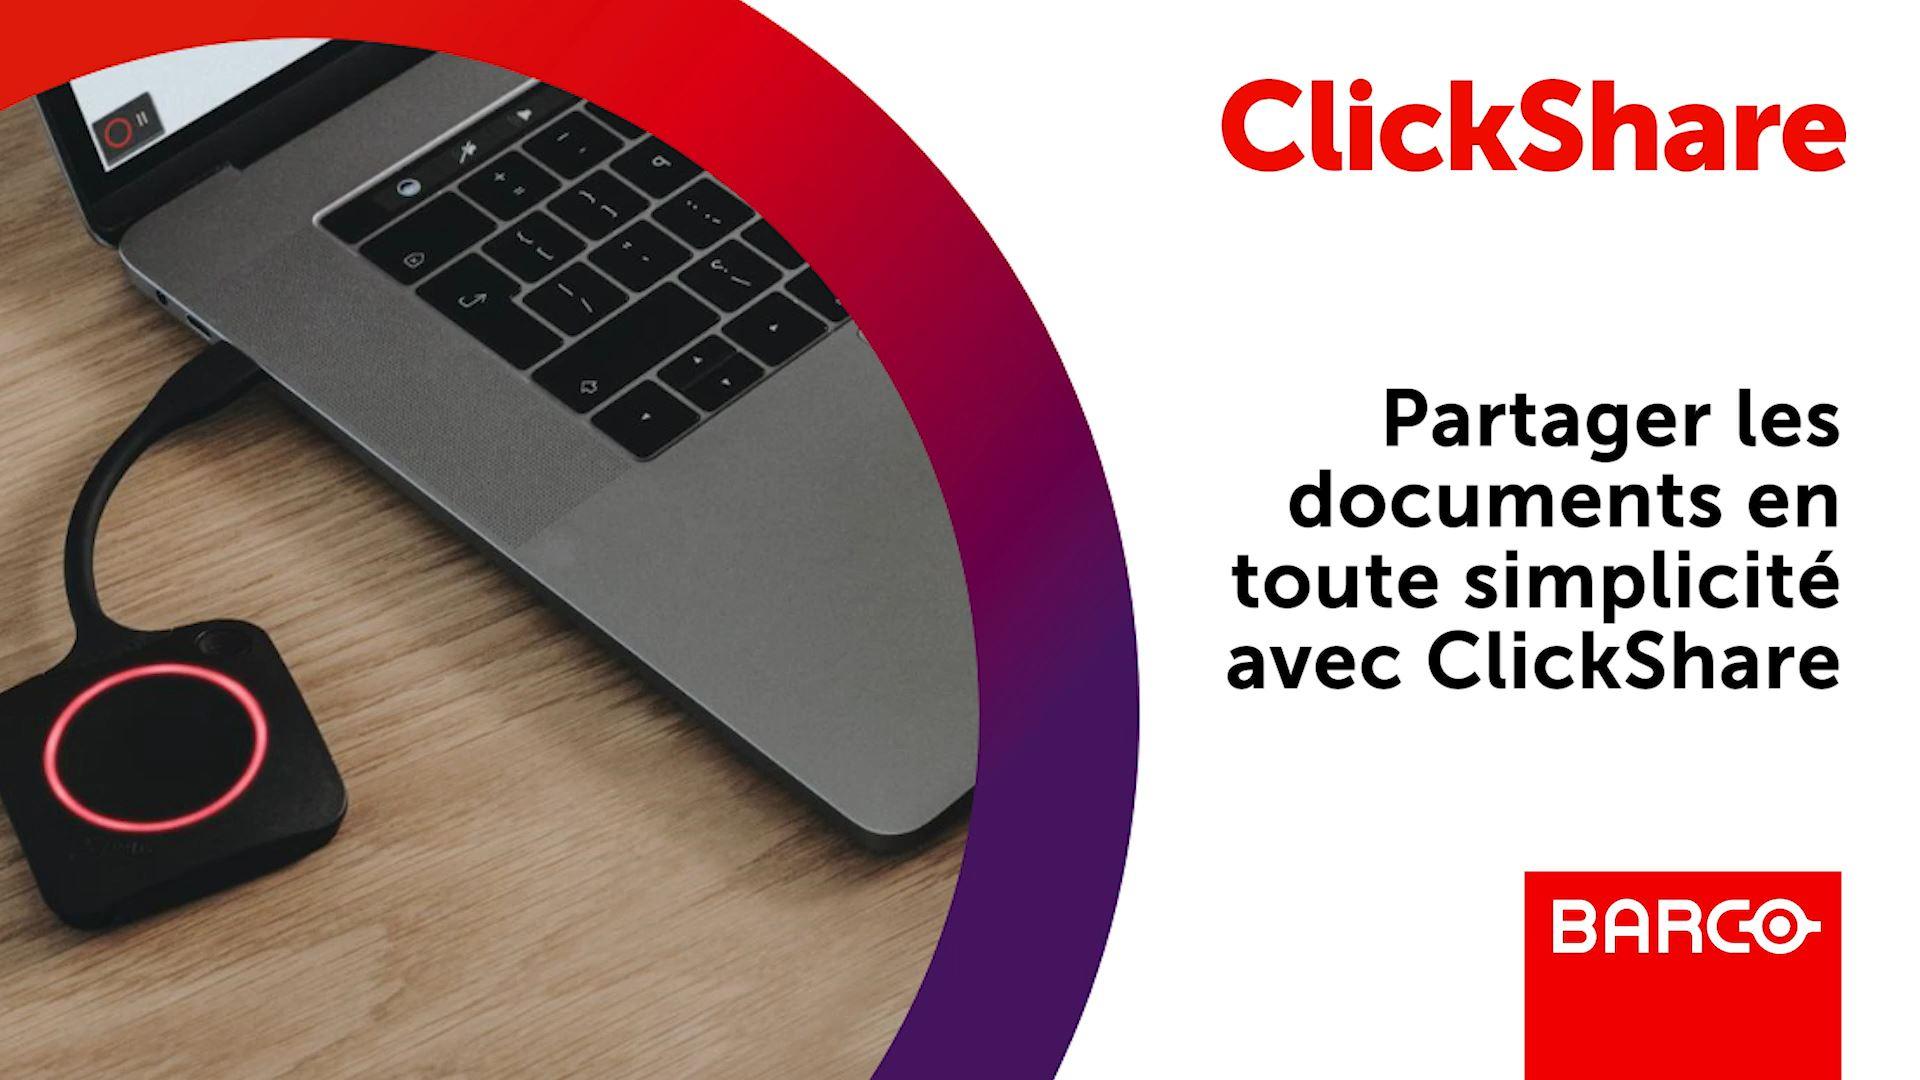 Partager les documents en toute simplicit� avec ClickShare